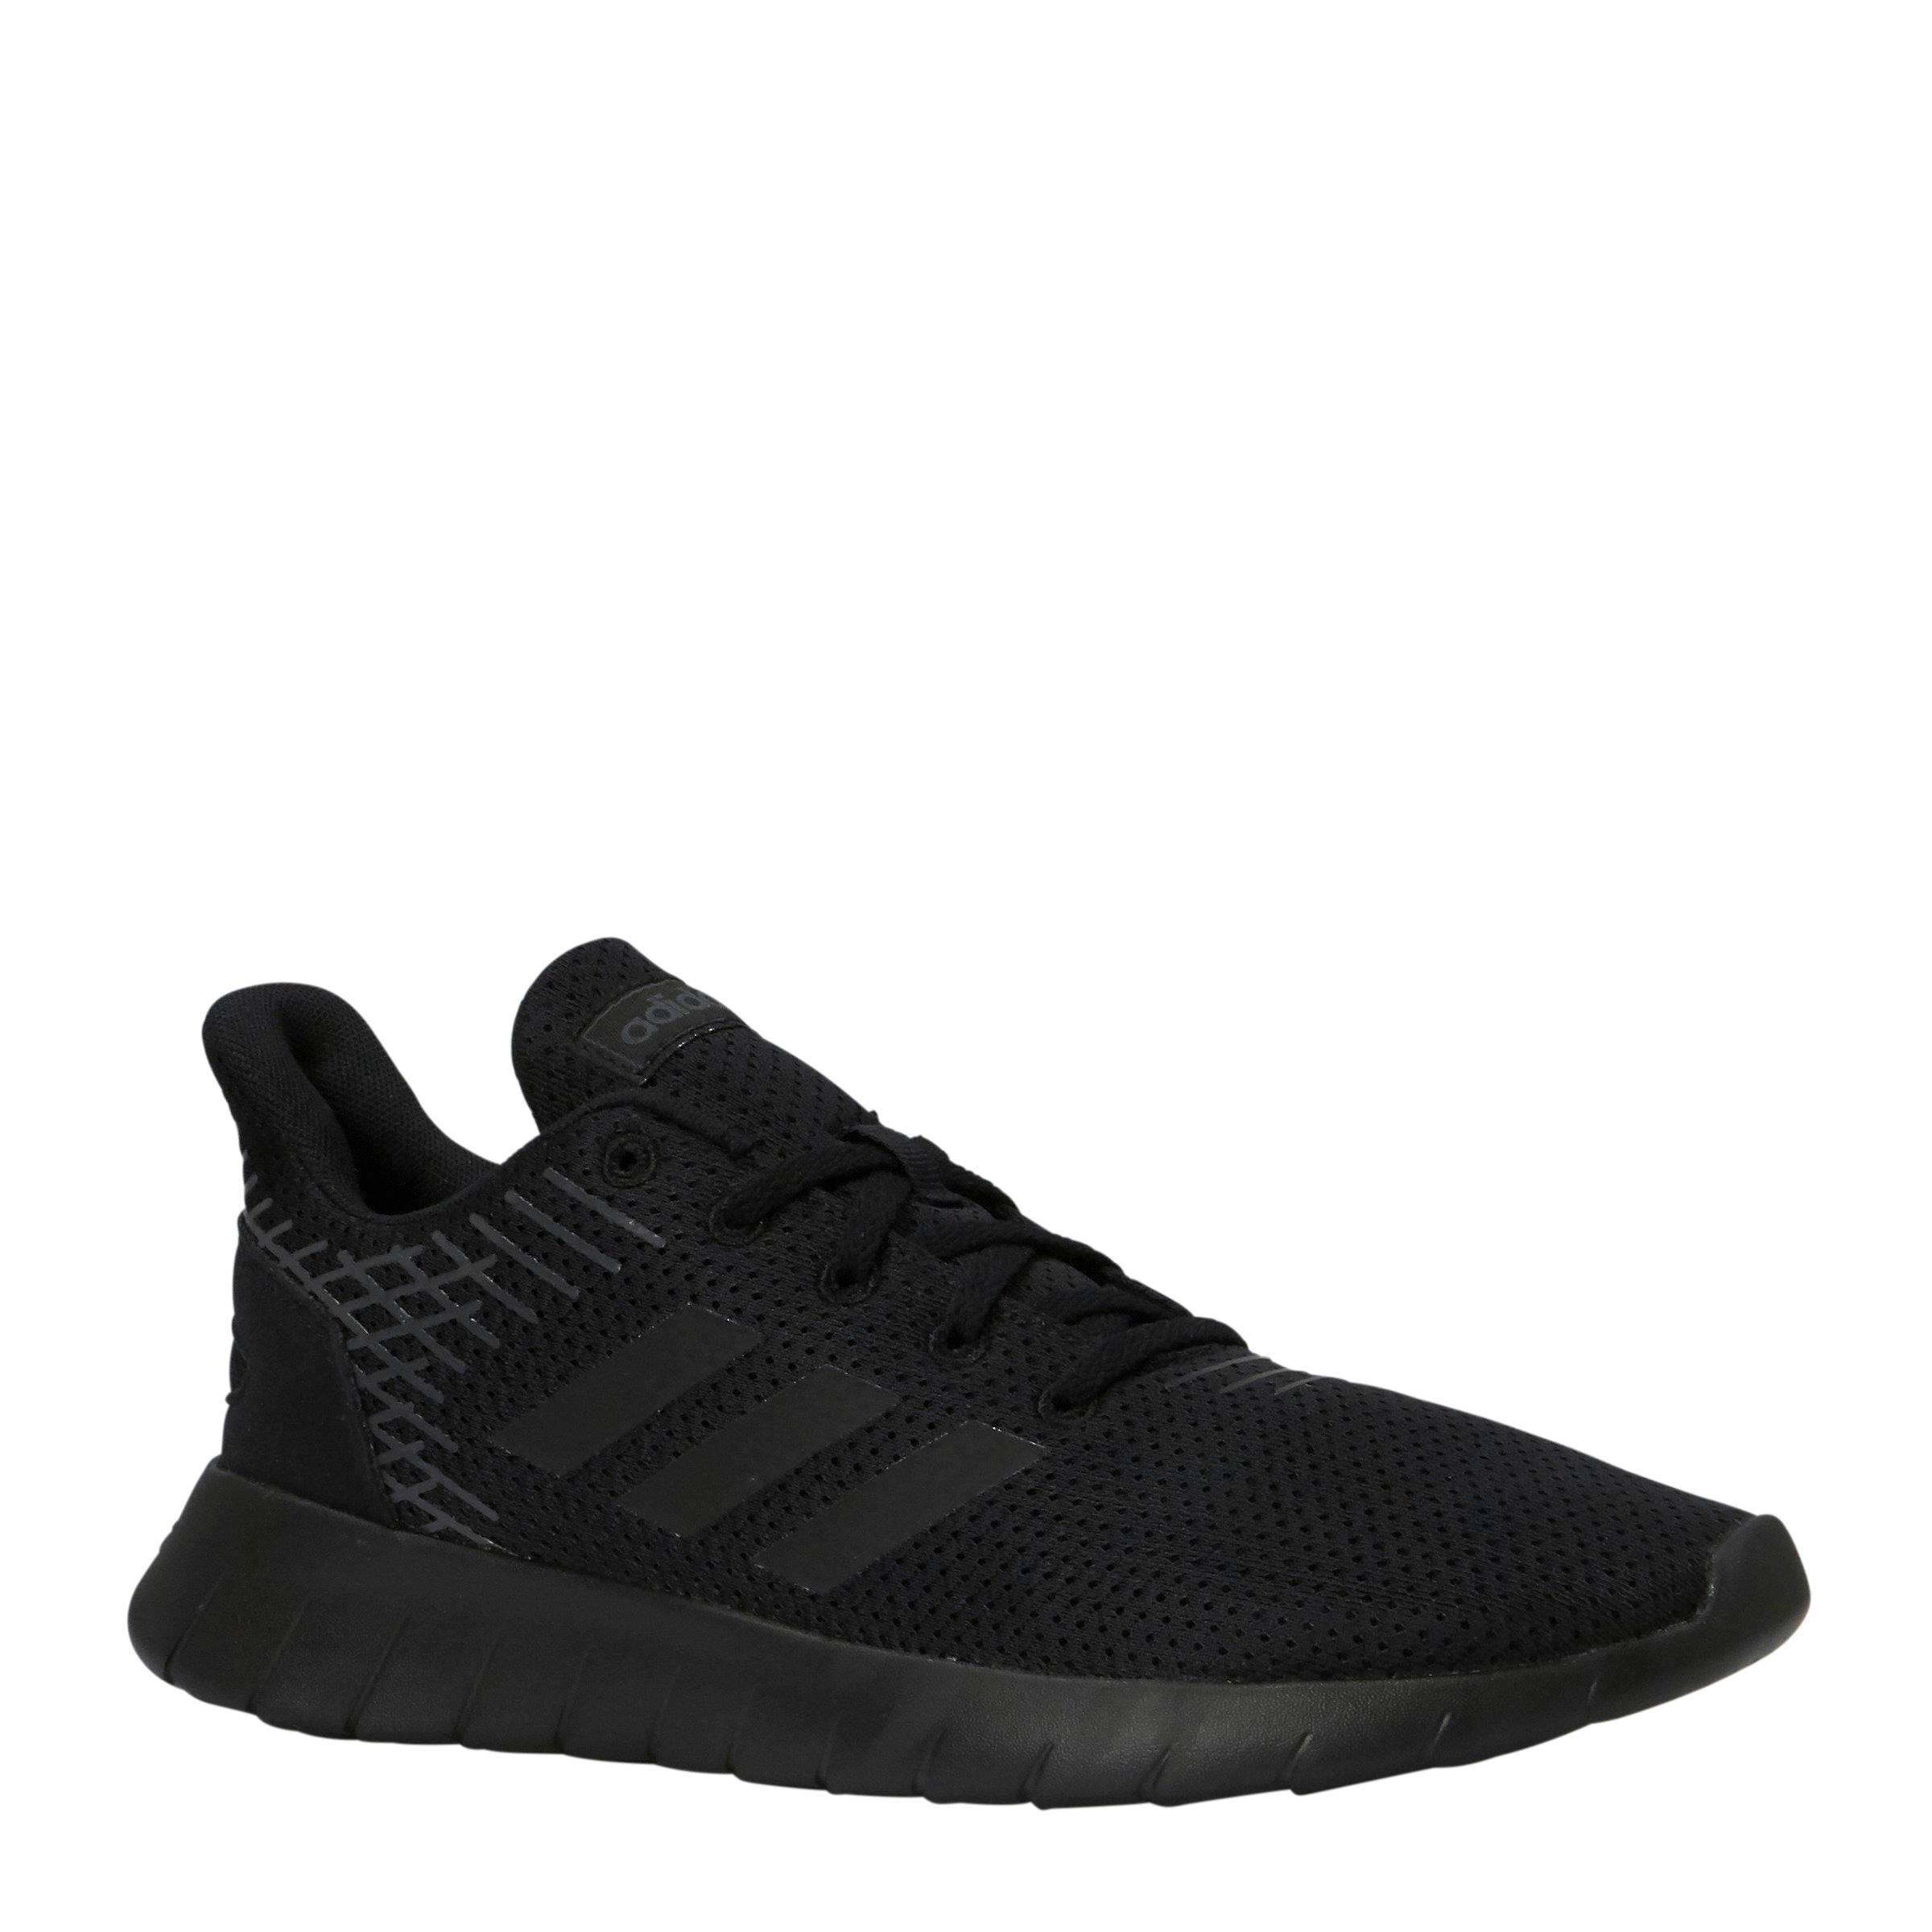 Asweerun hardloopschoenen zwart/grijs